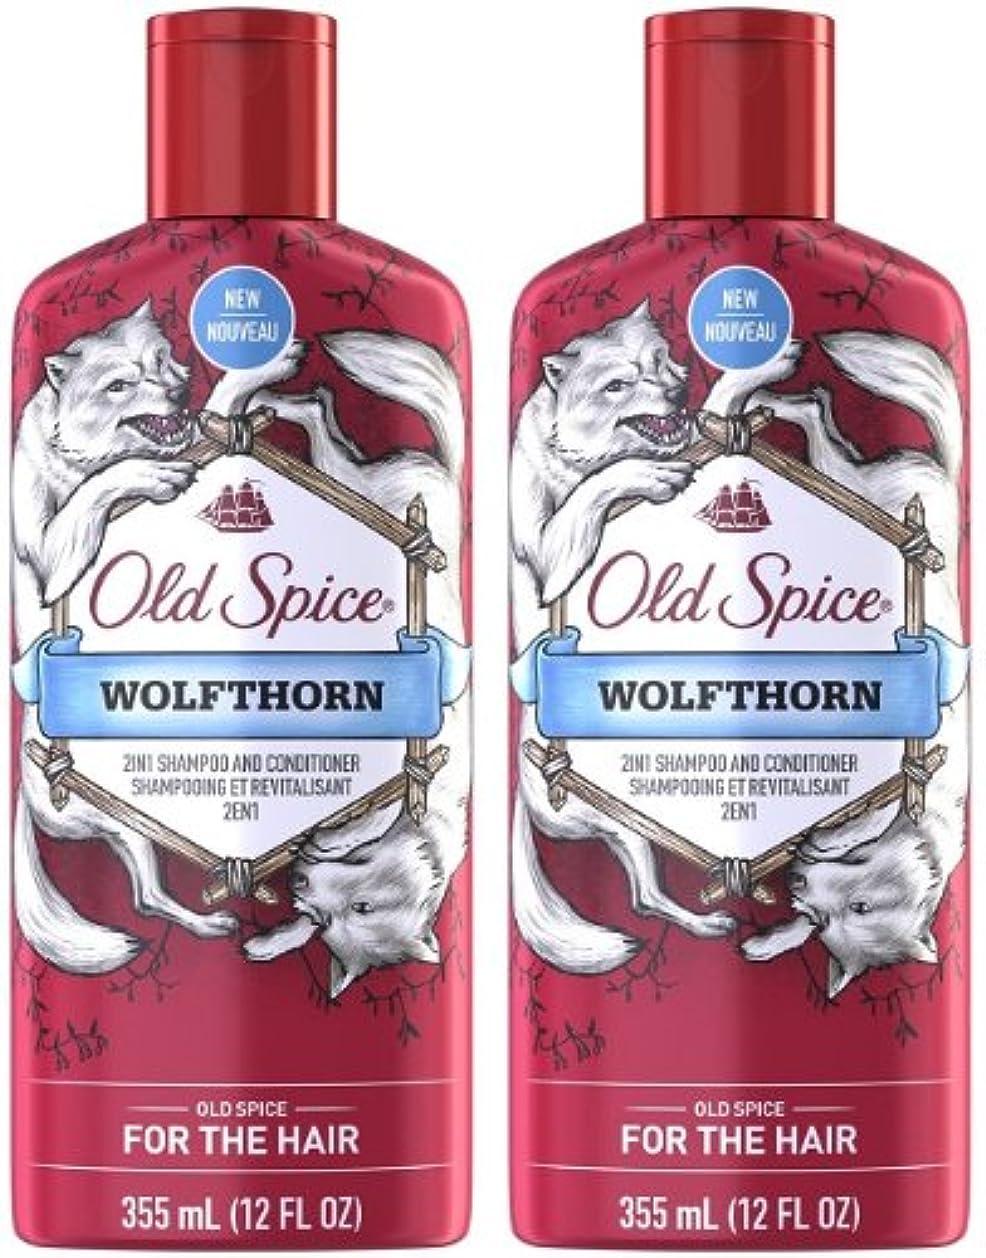 未就学ファンネルウェブスパイダーダイヤル【海外直送】2本セット Old Spice 2in1 Shampoo and Conditioner, Wolfthorn コンディショナーインシャンプー 355ml